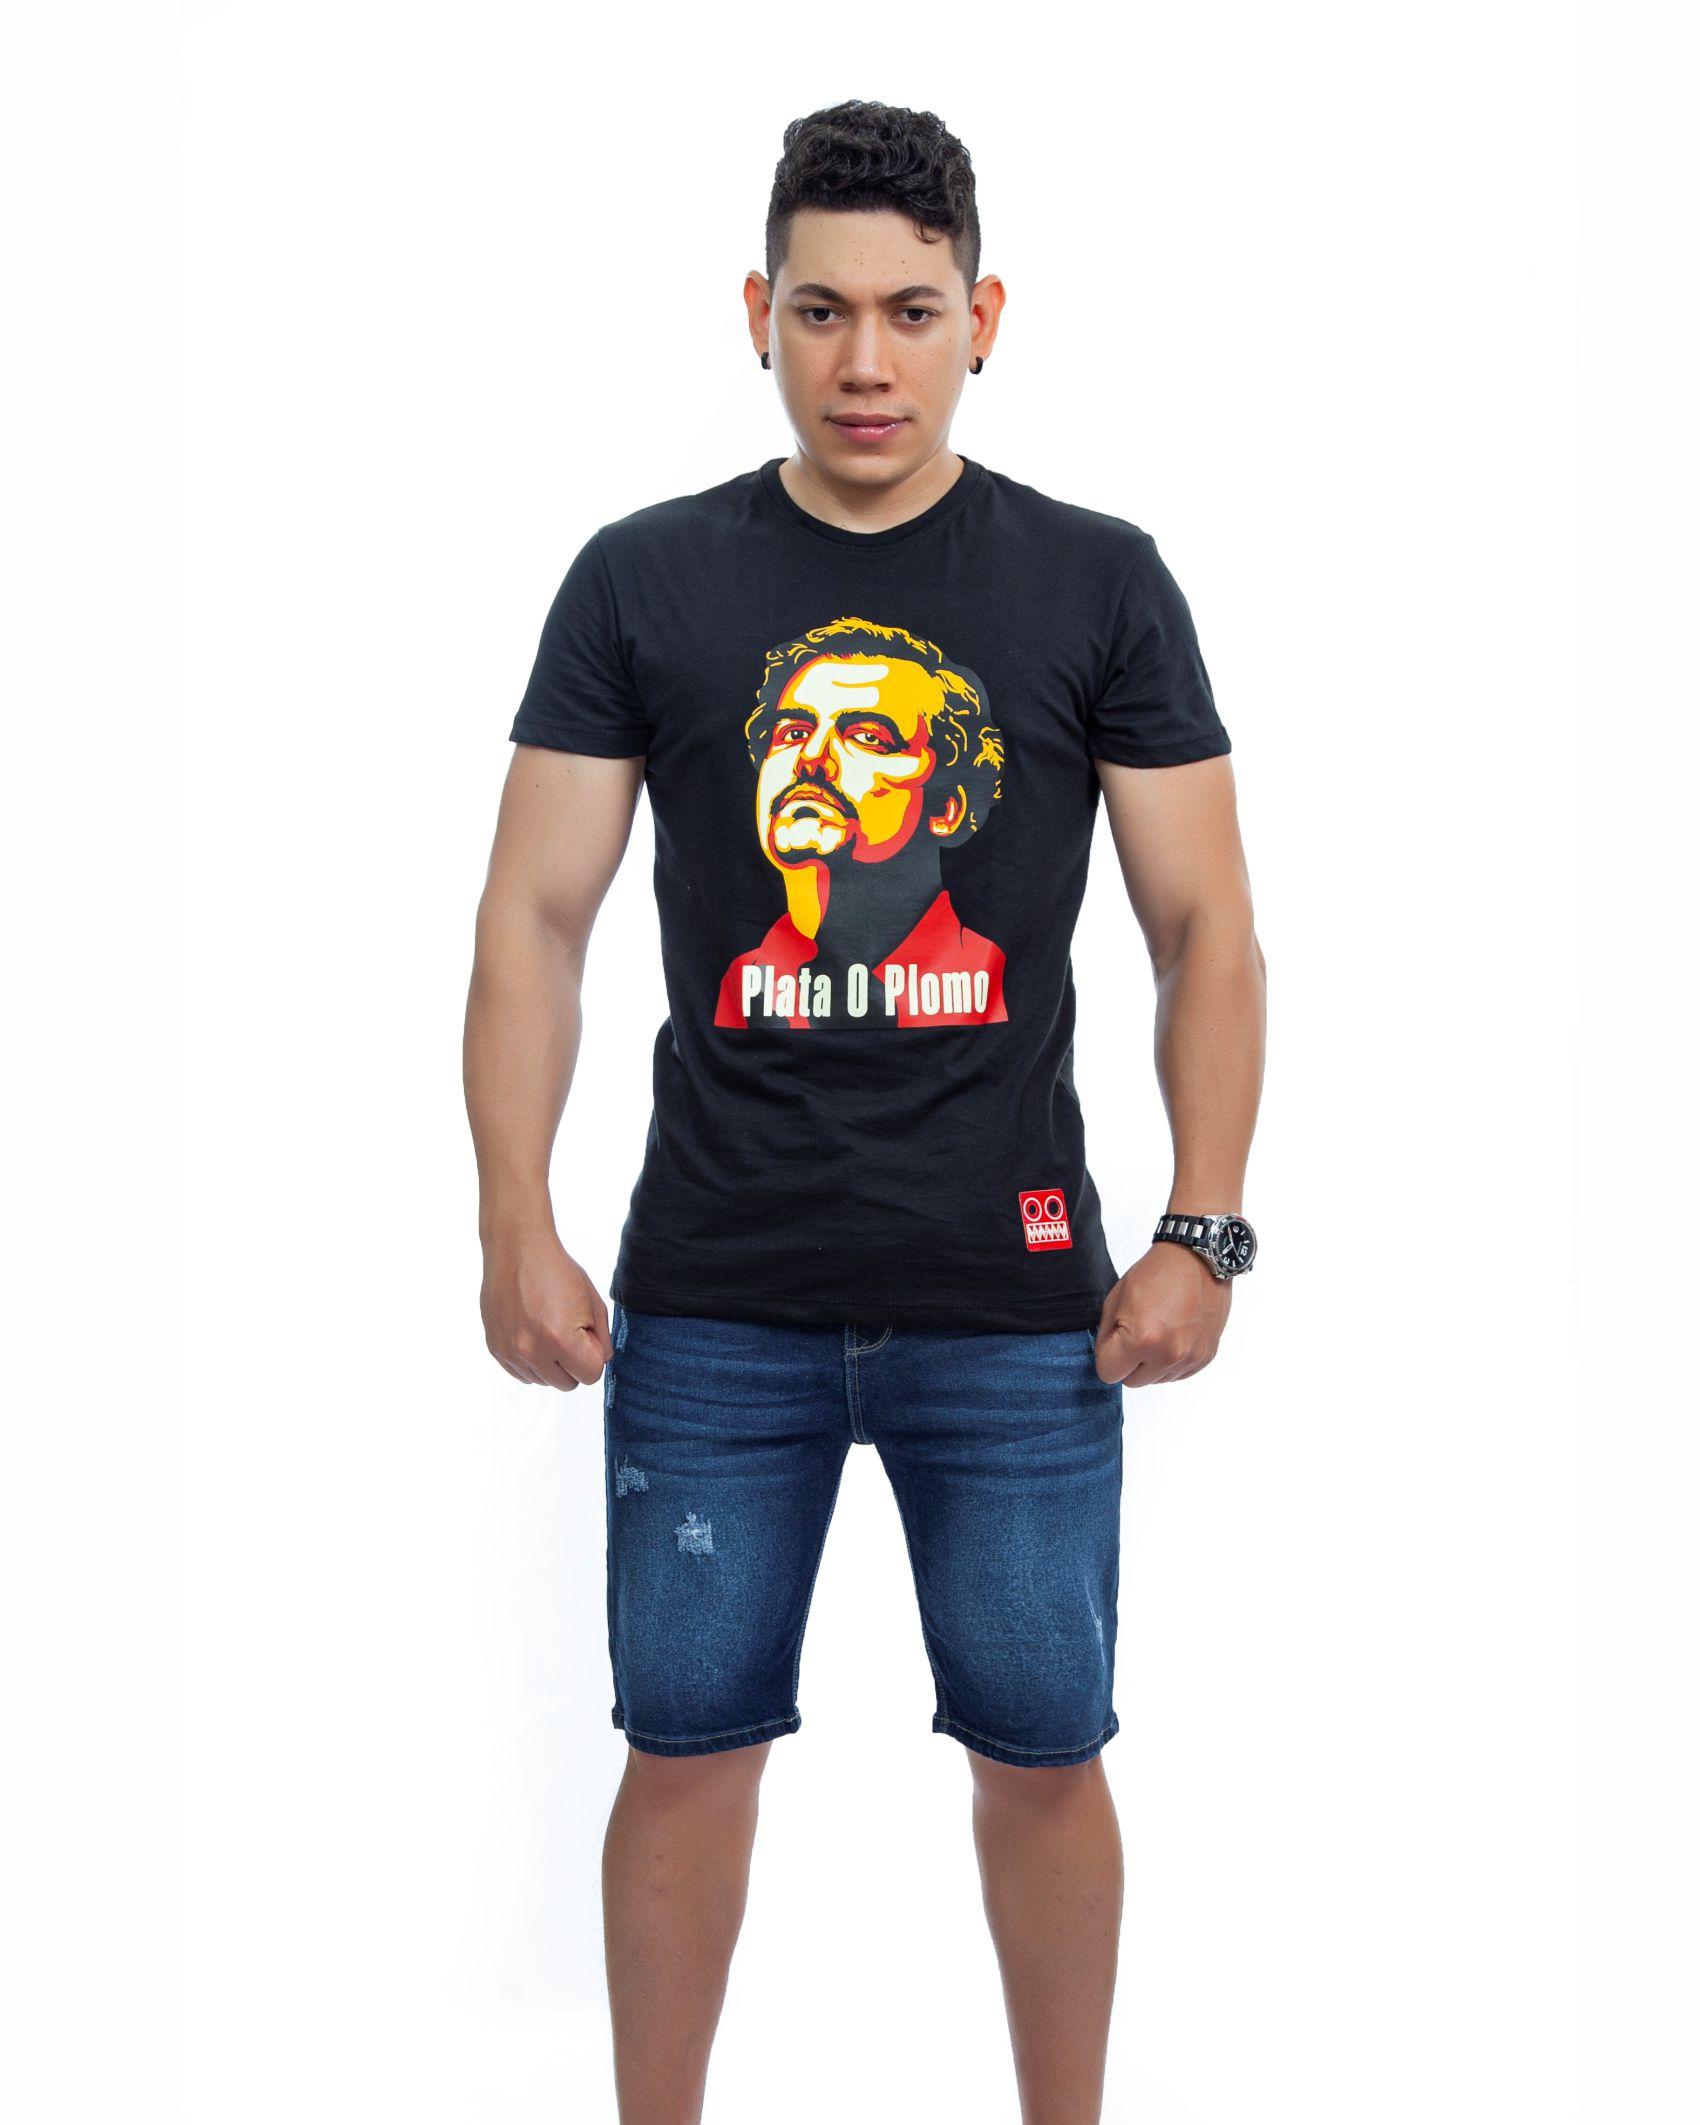 ref 1751 1 camiseta pablo, color negro, tela 100% en algodon Tallas S-M-L-XL. $48.000.